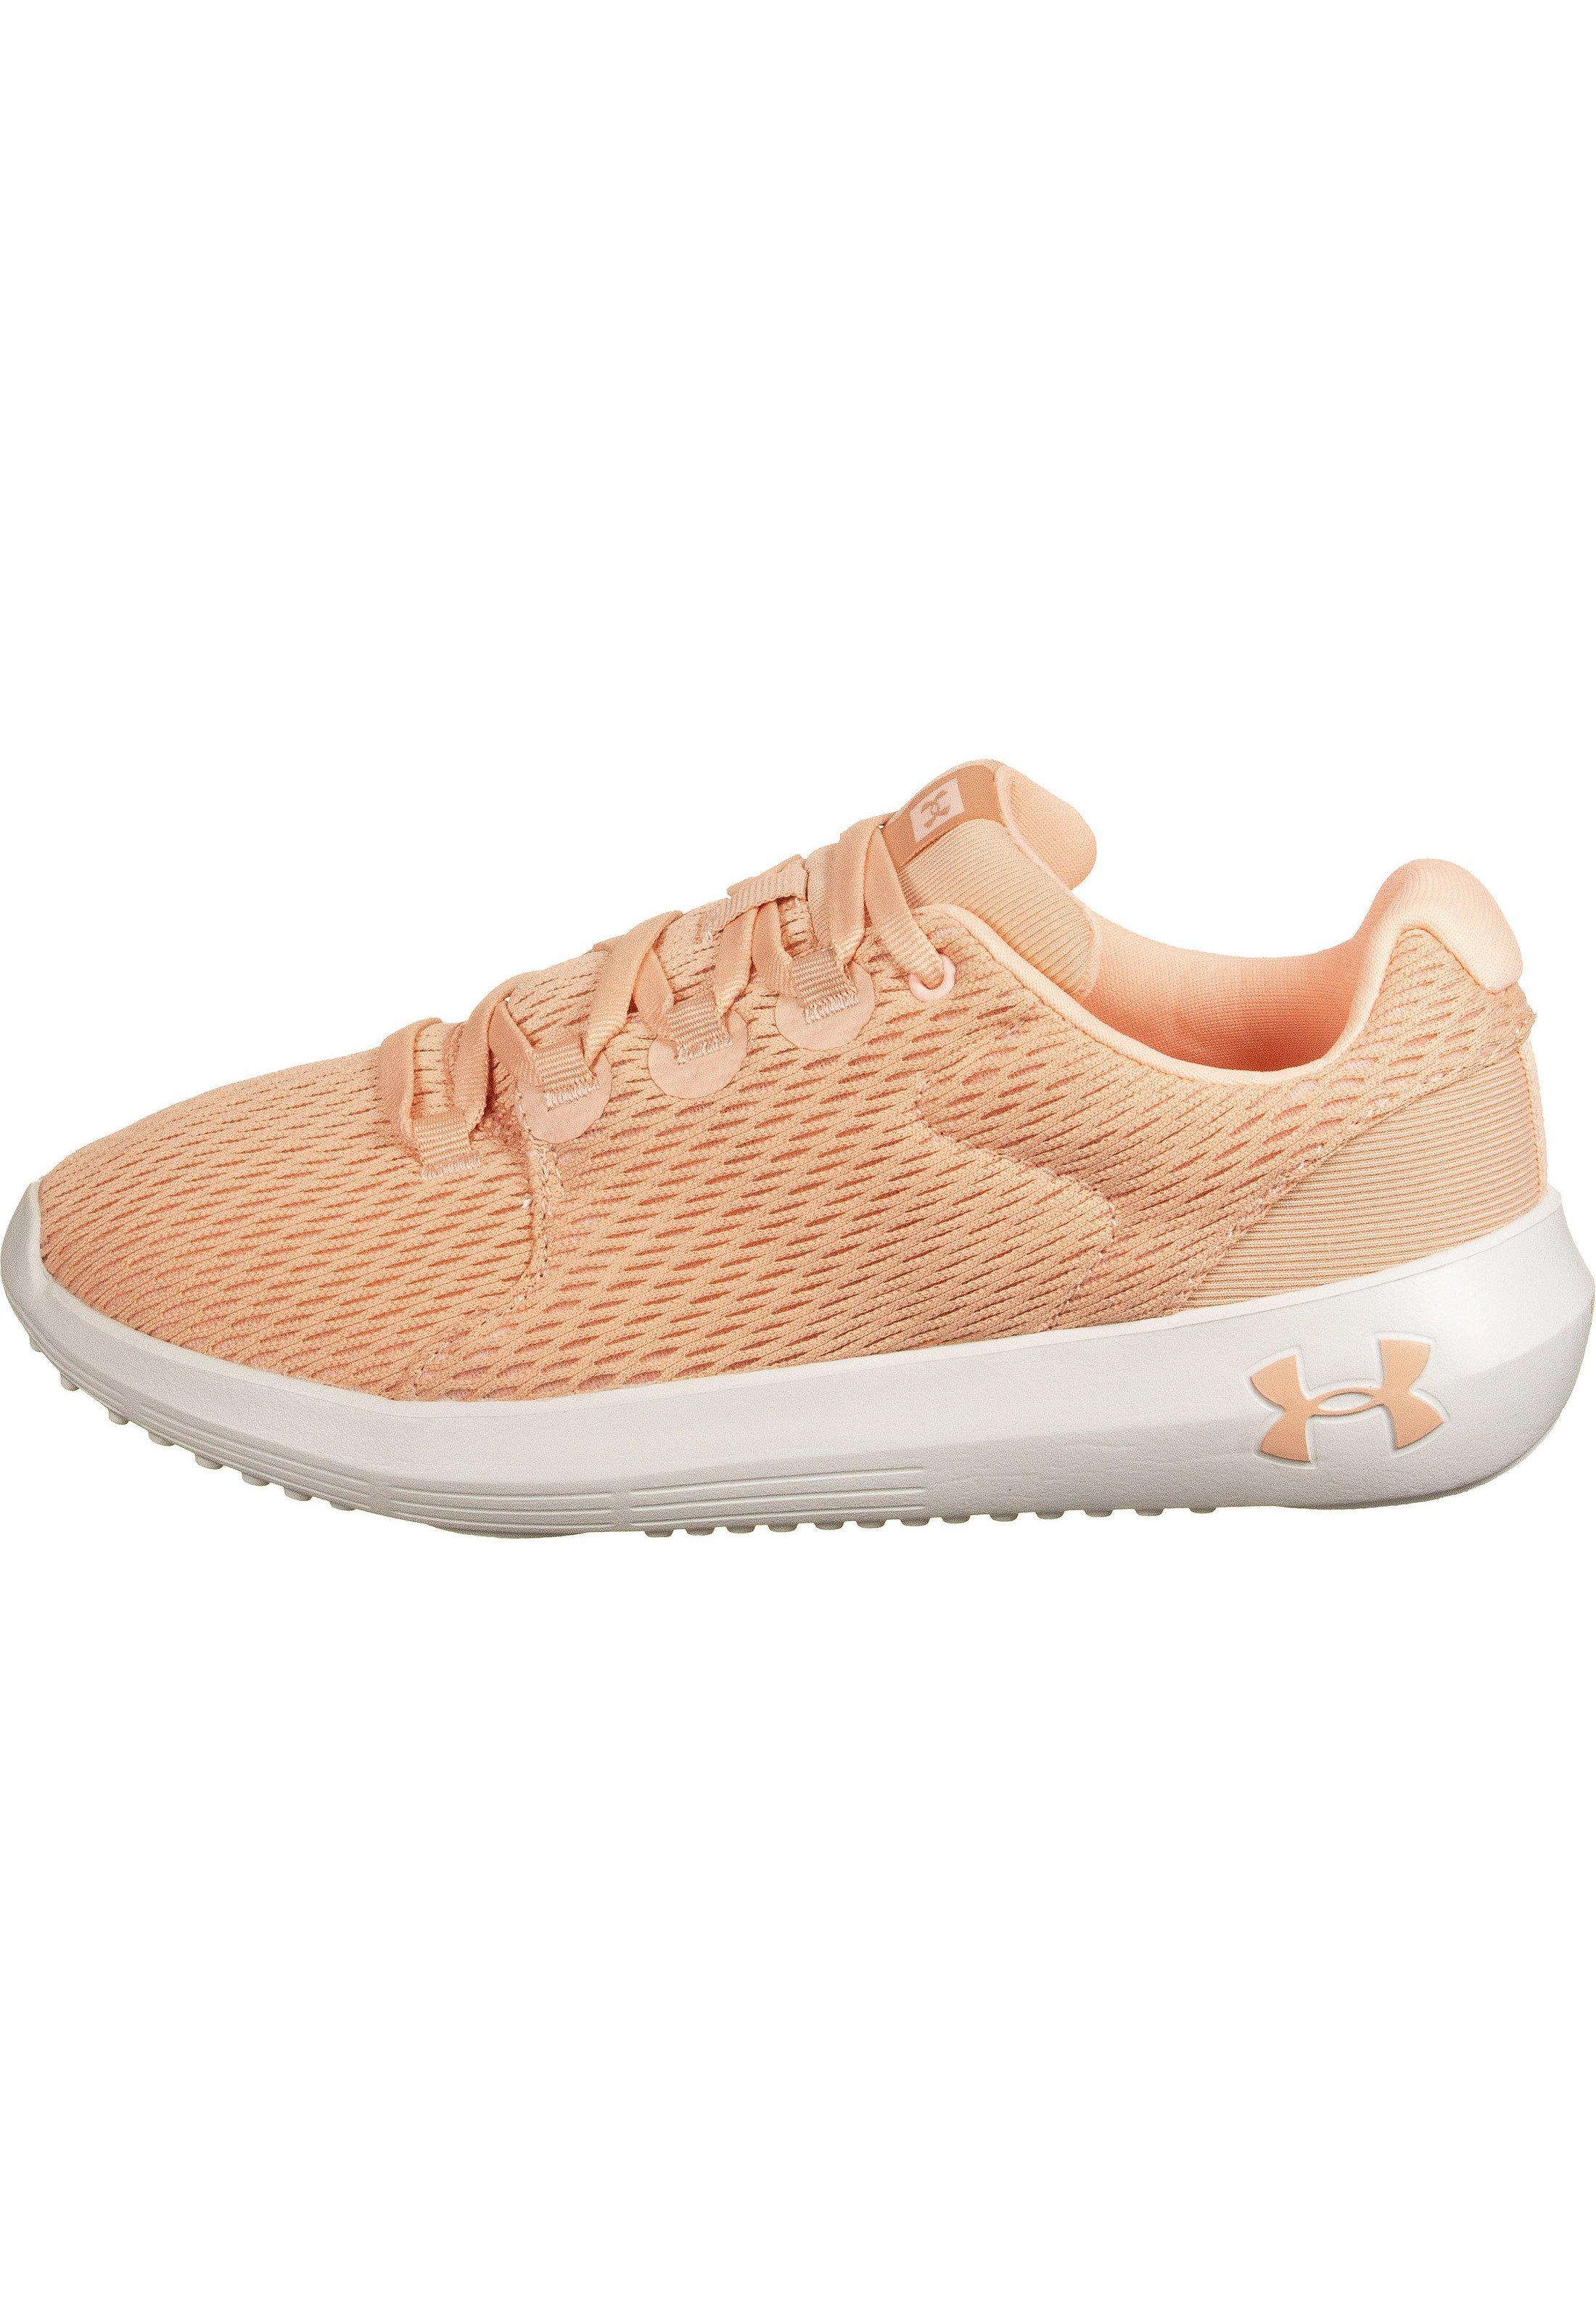 Sport Chaussures femme orange | Tous les articles chez Zalando